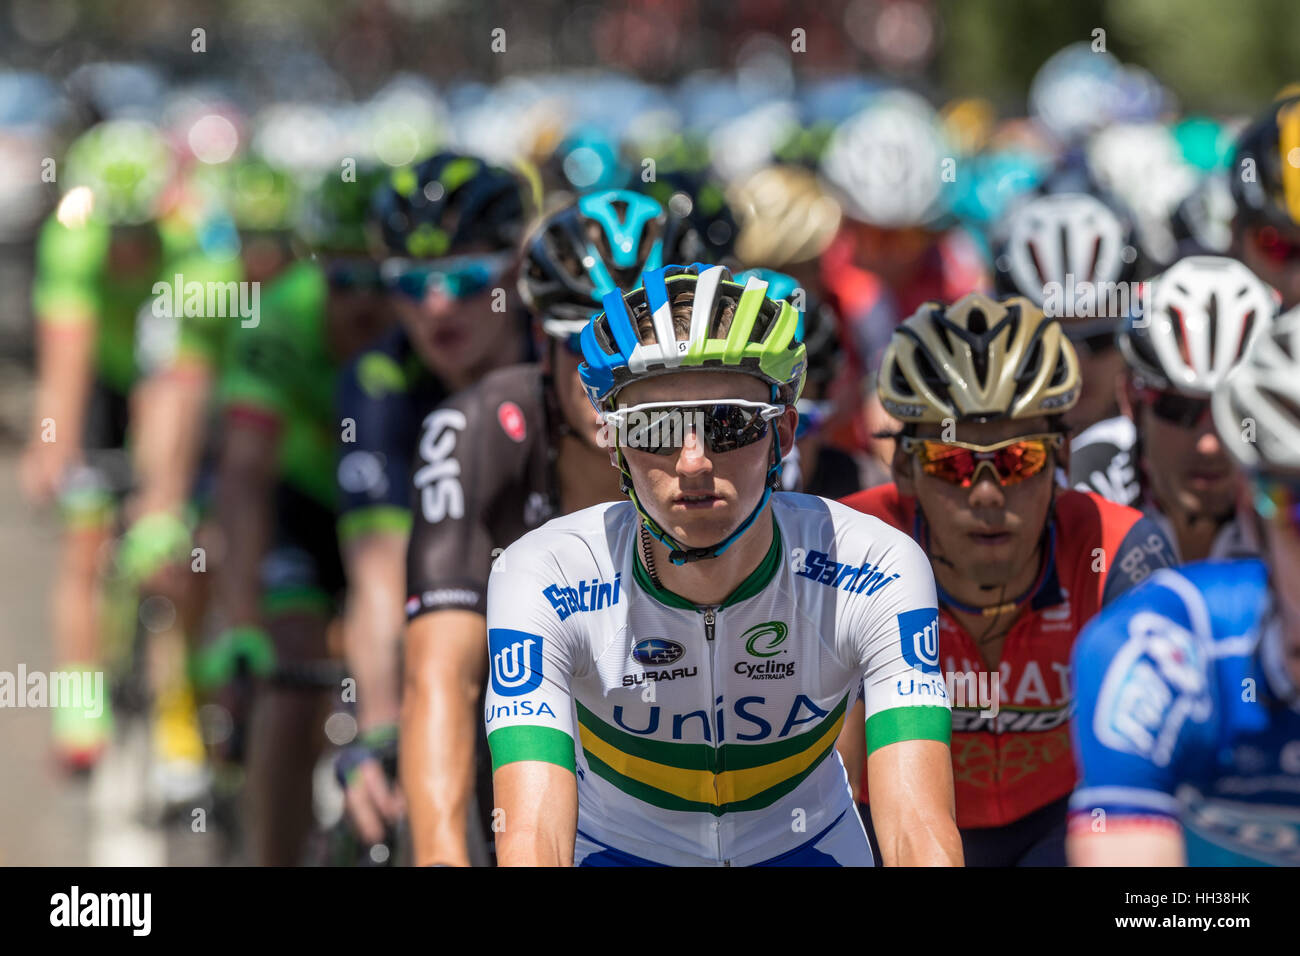 Adelaide, na Austrália. 17 de Janeiro de 2017. Os ciclistas da equipe UNISA (UNA) durante a Fase 1 do Santos Imagens de Stock